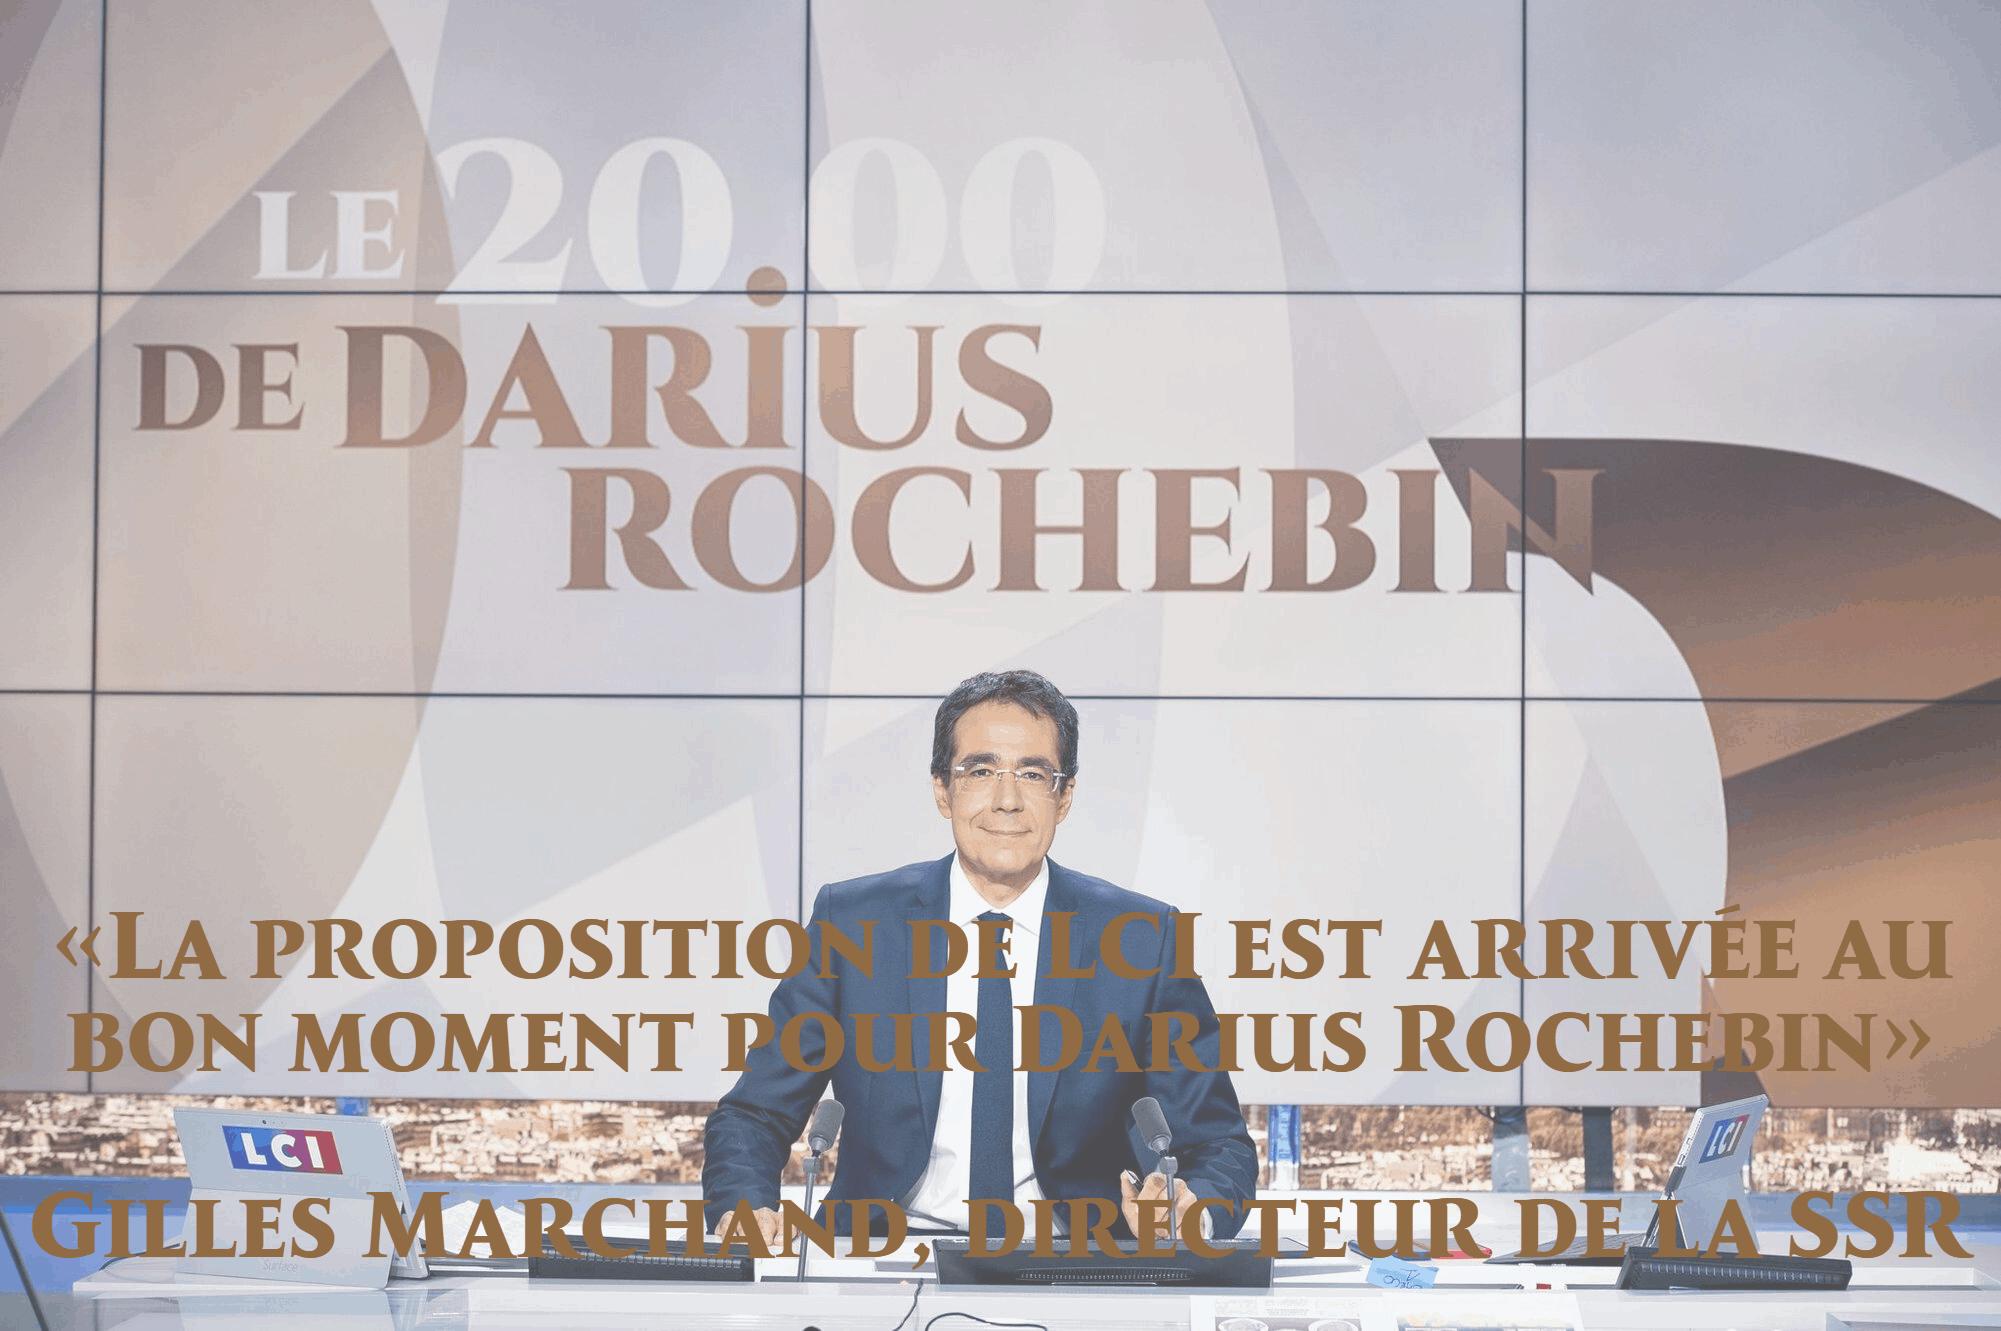 La vérité sur l'affaire Darius